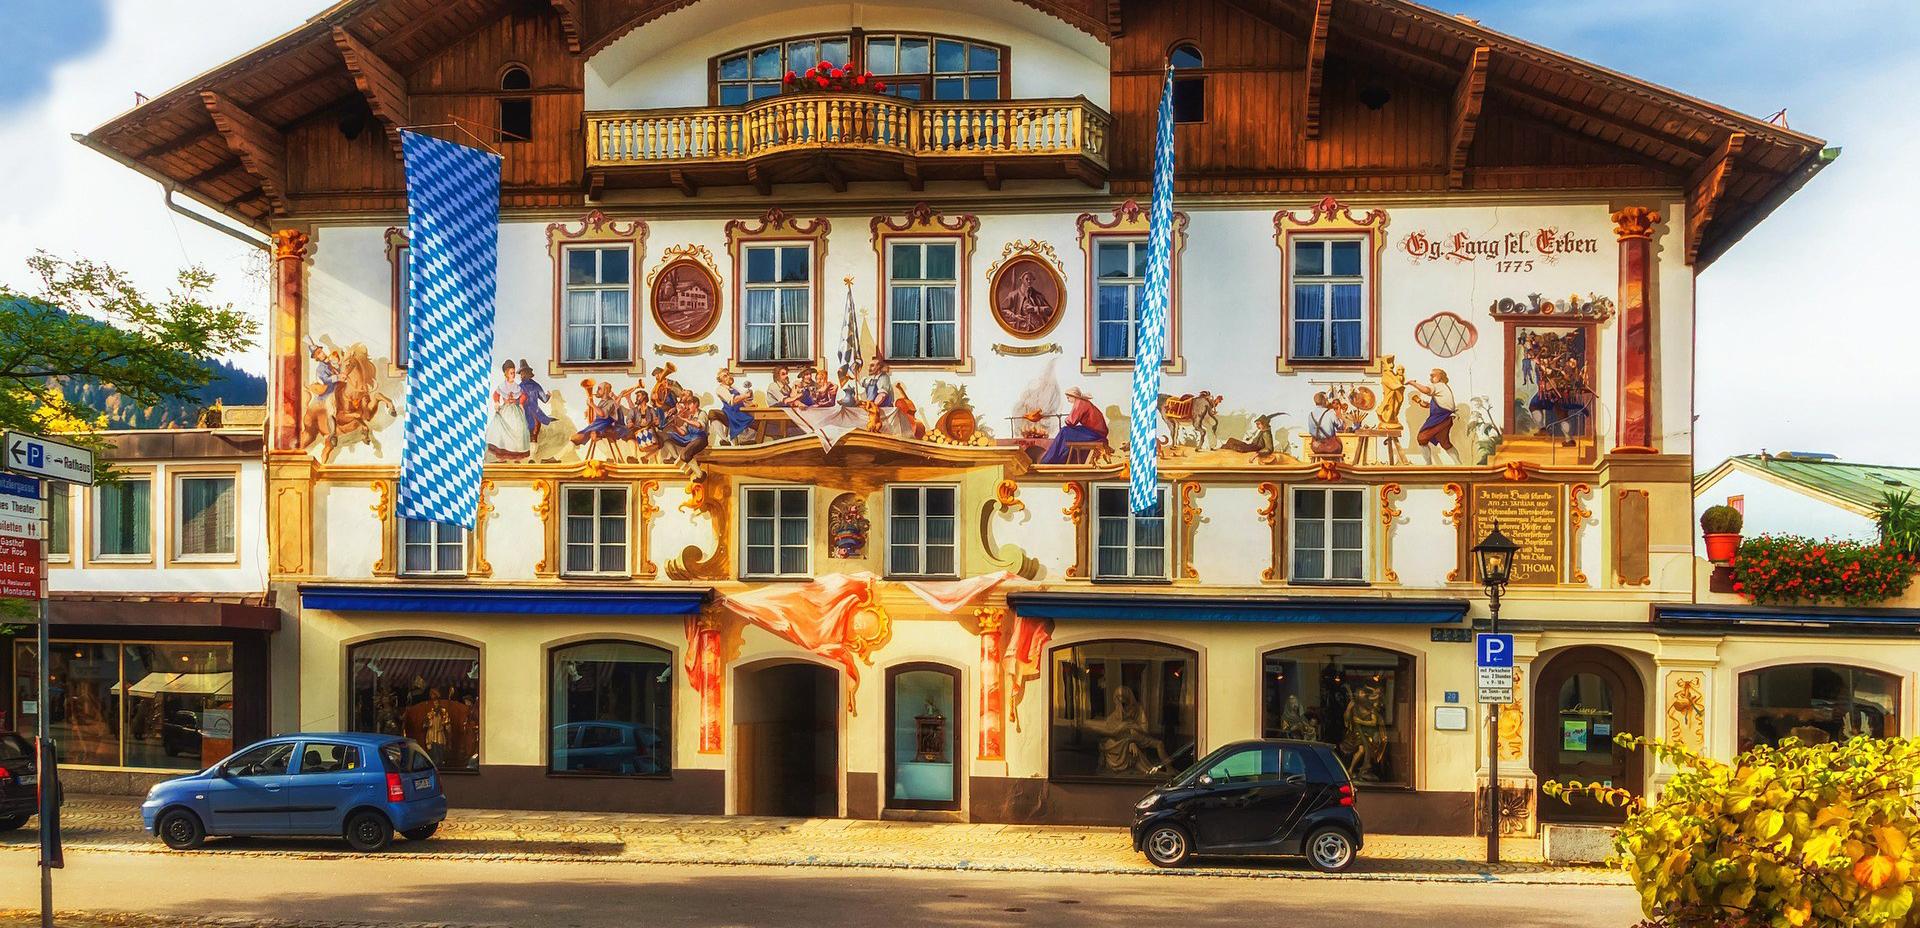 oberammergau-293835_1920.jpg